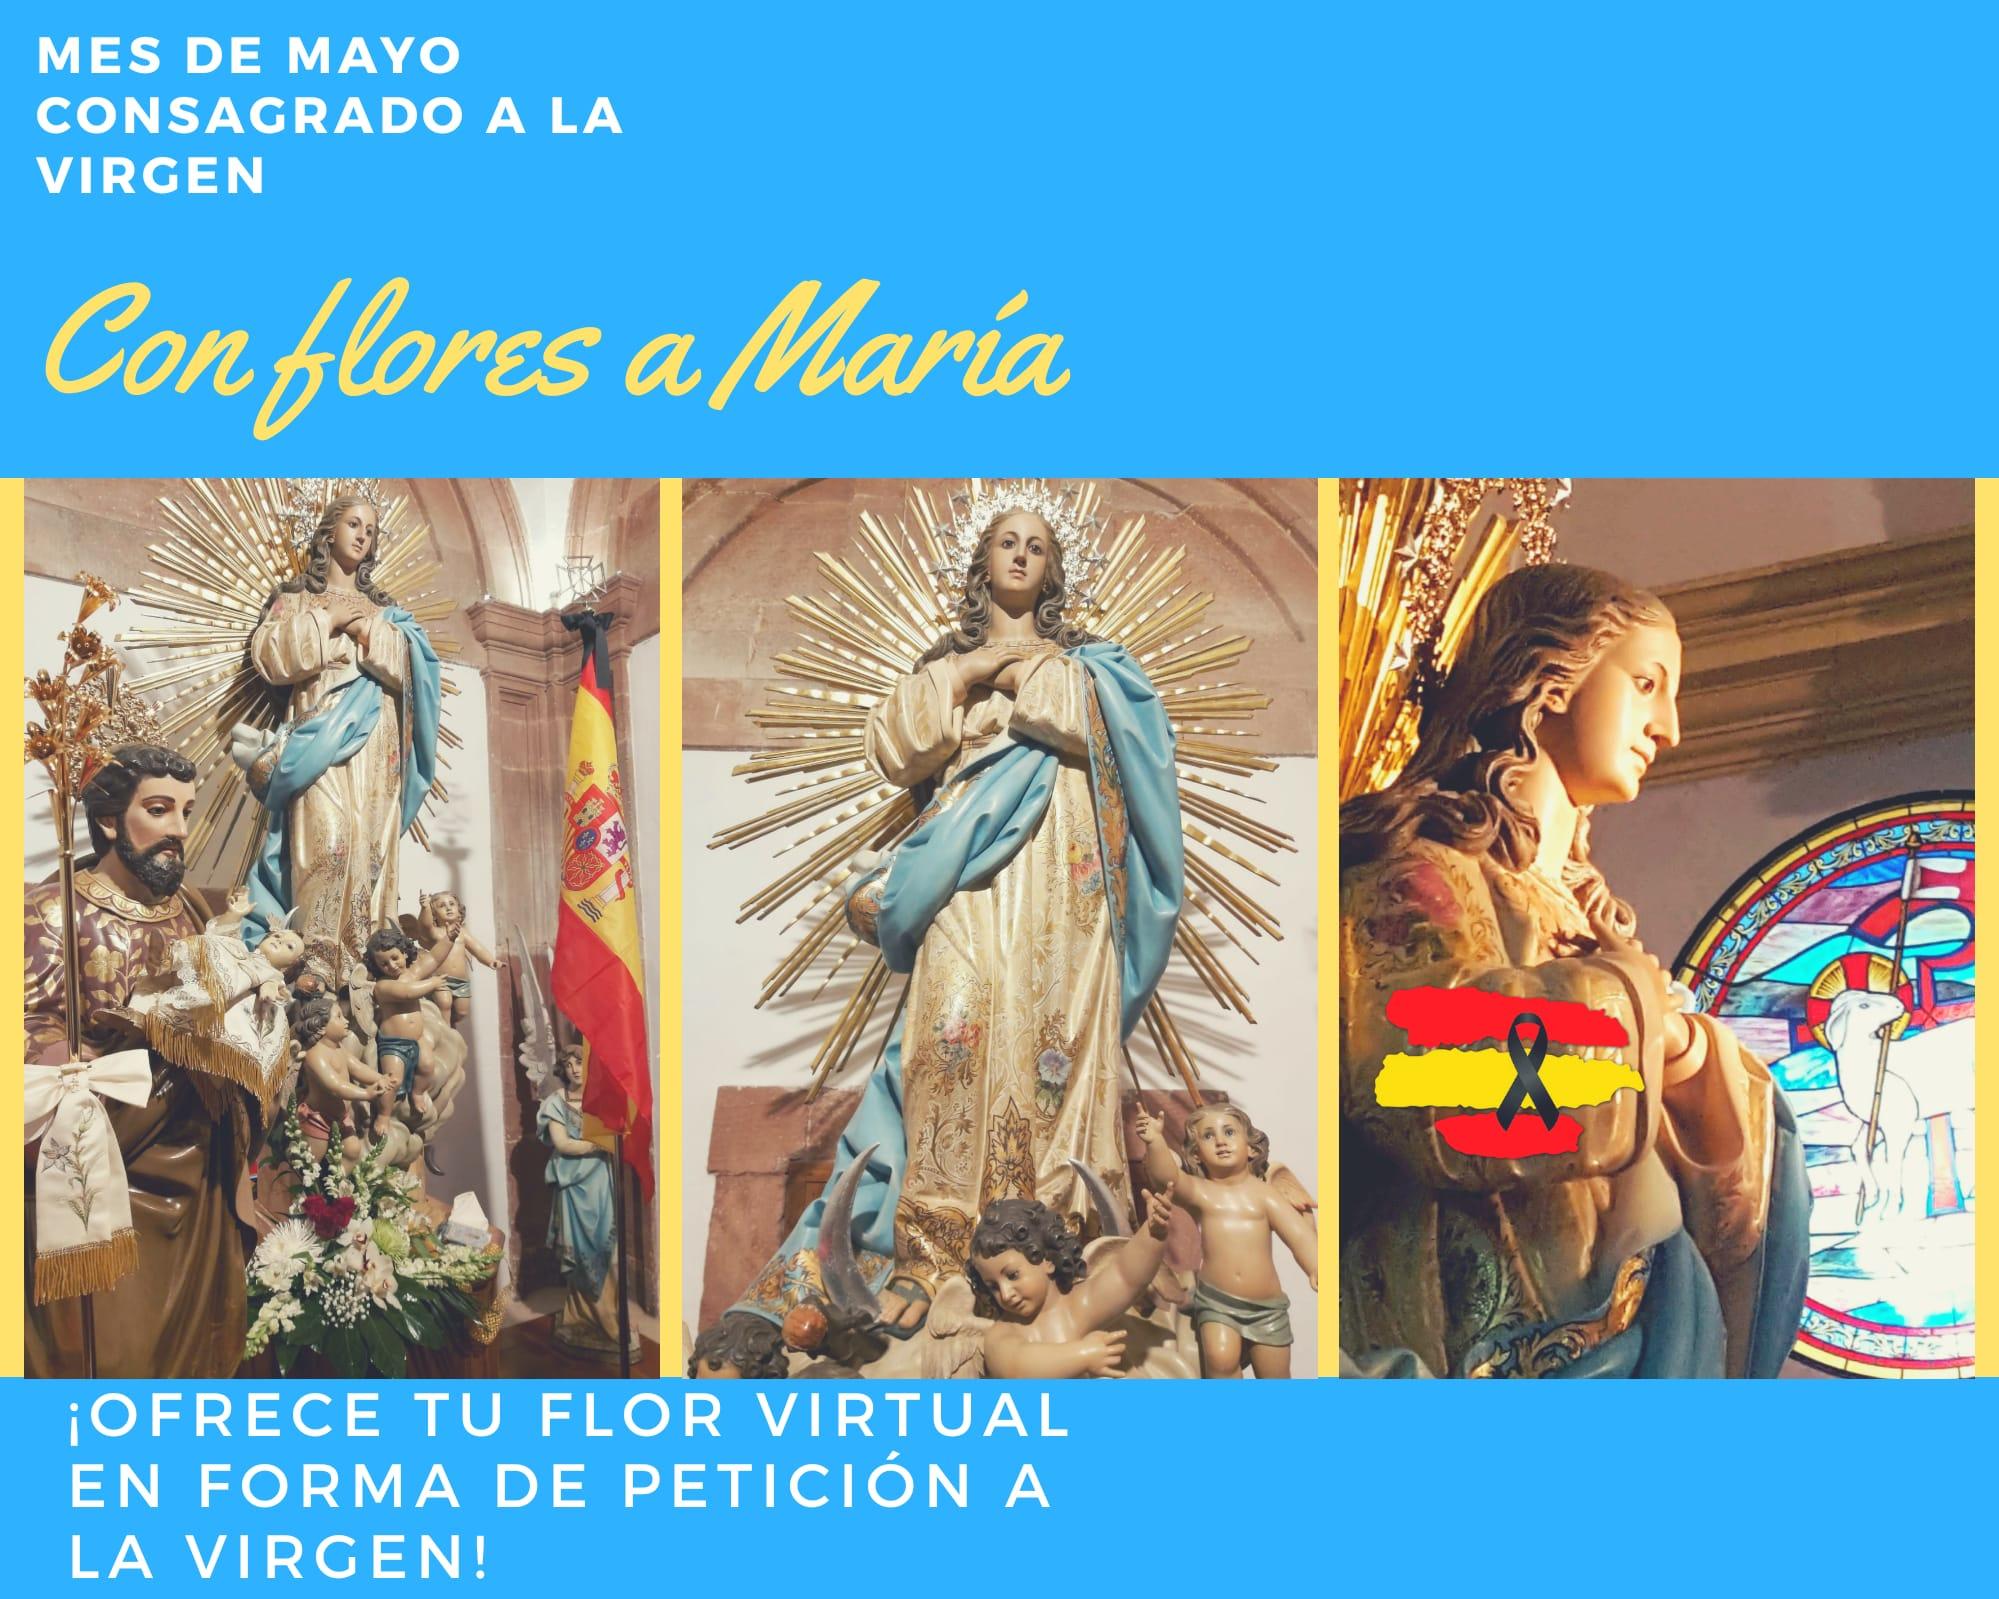 La parroquia Inmaculada Concepción inicia un mes de mayo dedicado a María 14